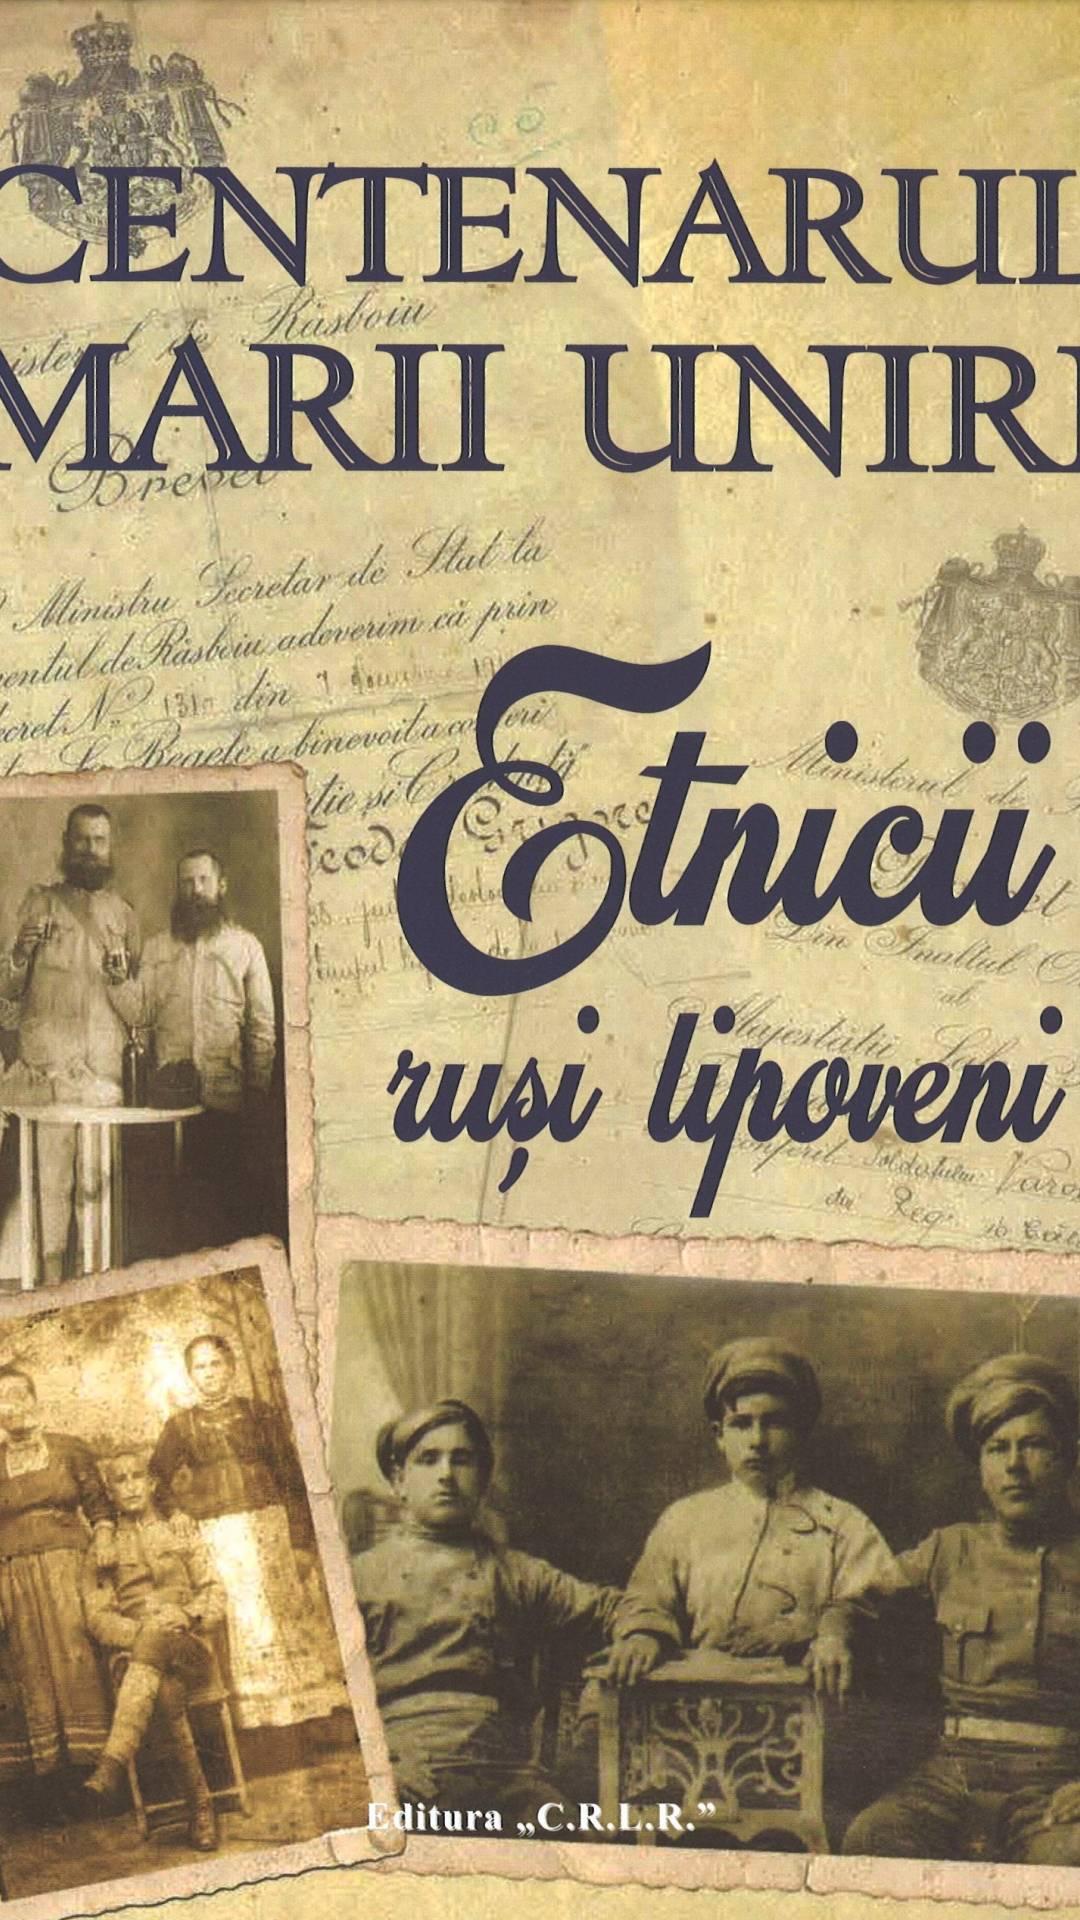 Centenarul Marii Uniri. Etnicii ruși lipoveni